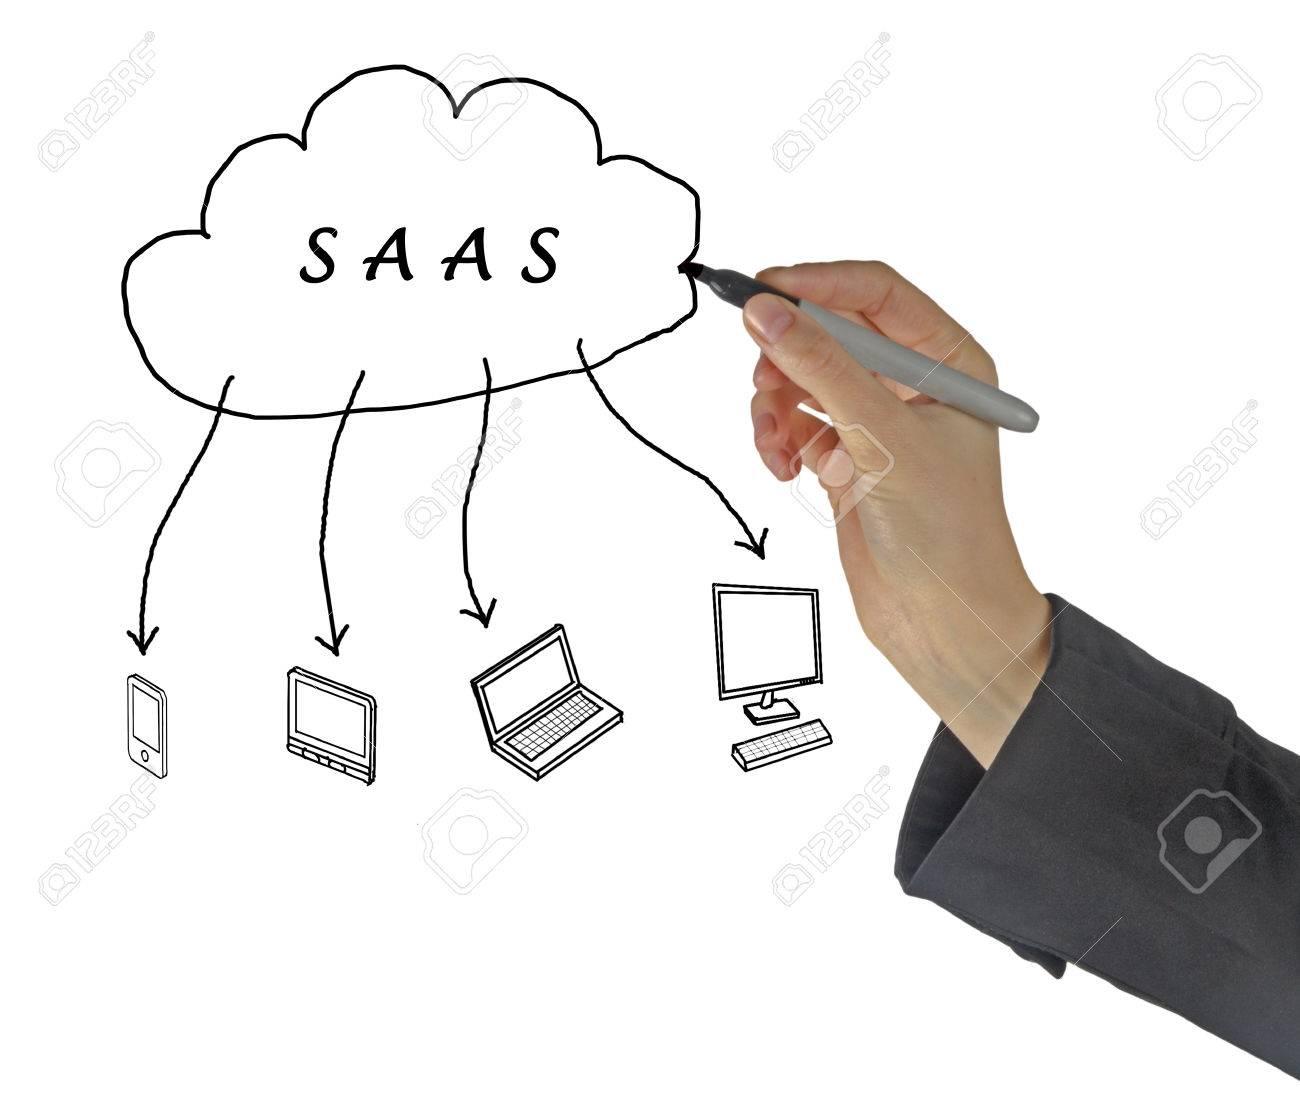 SAAS diagram Stock Photo - 38833838